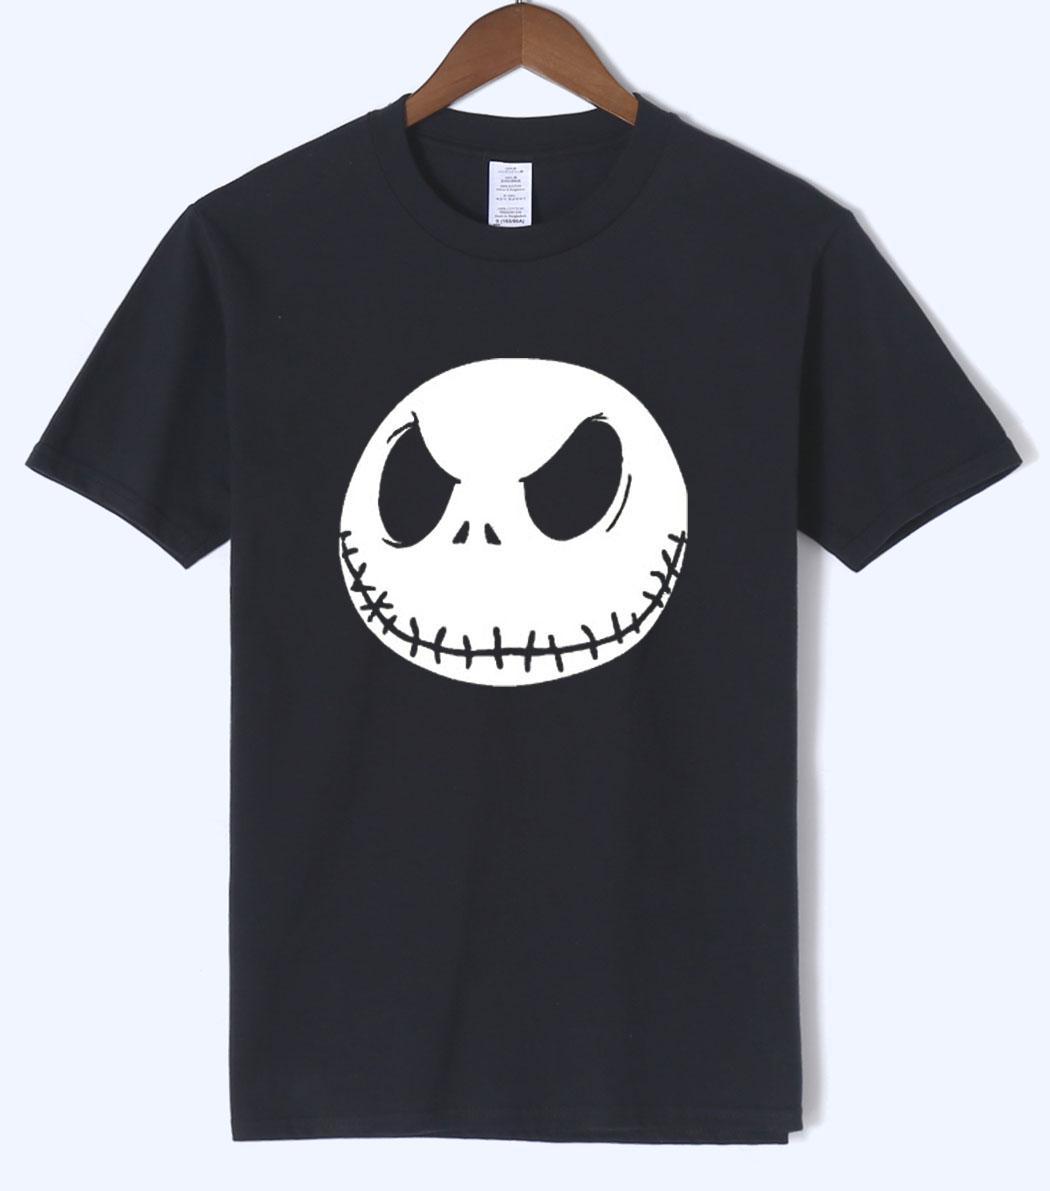 Compre Venta Caliente 2018 Navidad Jack Skellington Hombres Camiseta Casual  Hombre Camisetas De Halloween Camiseta Divertida 100% Algodón De Manga  Corta ... fdae3b89c23ea